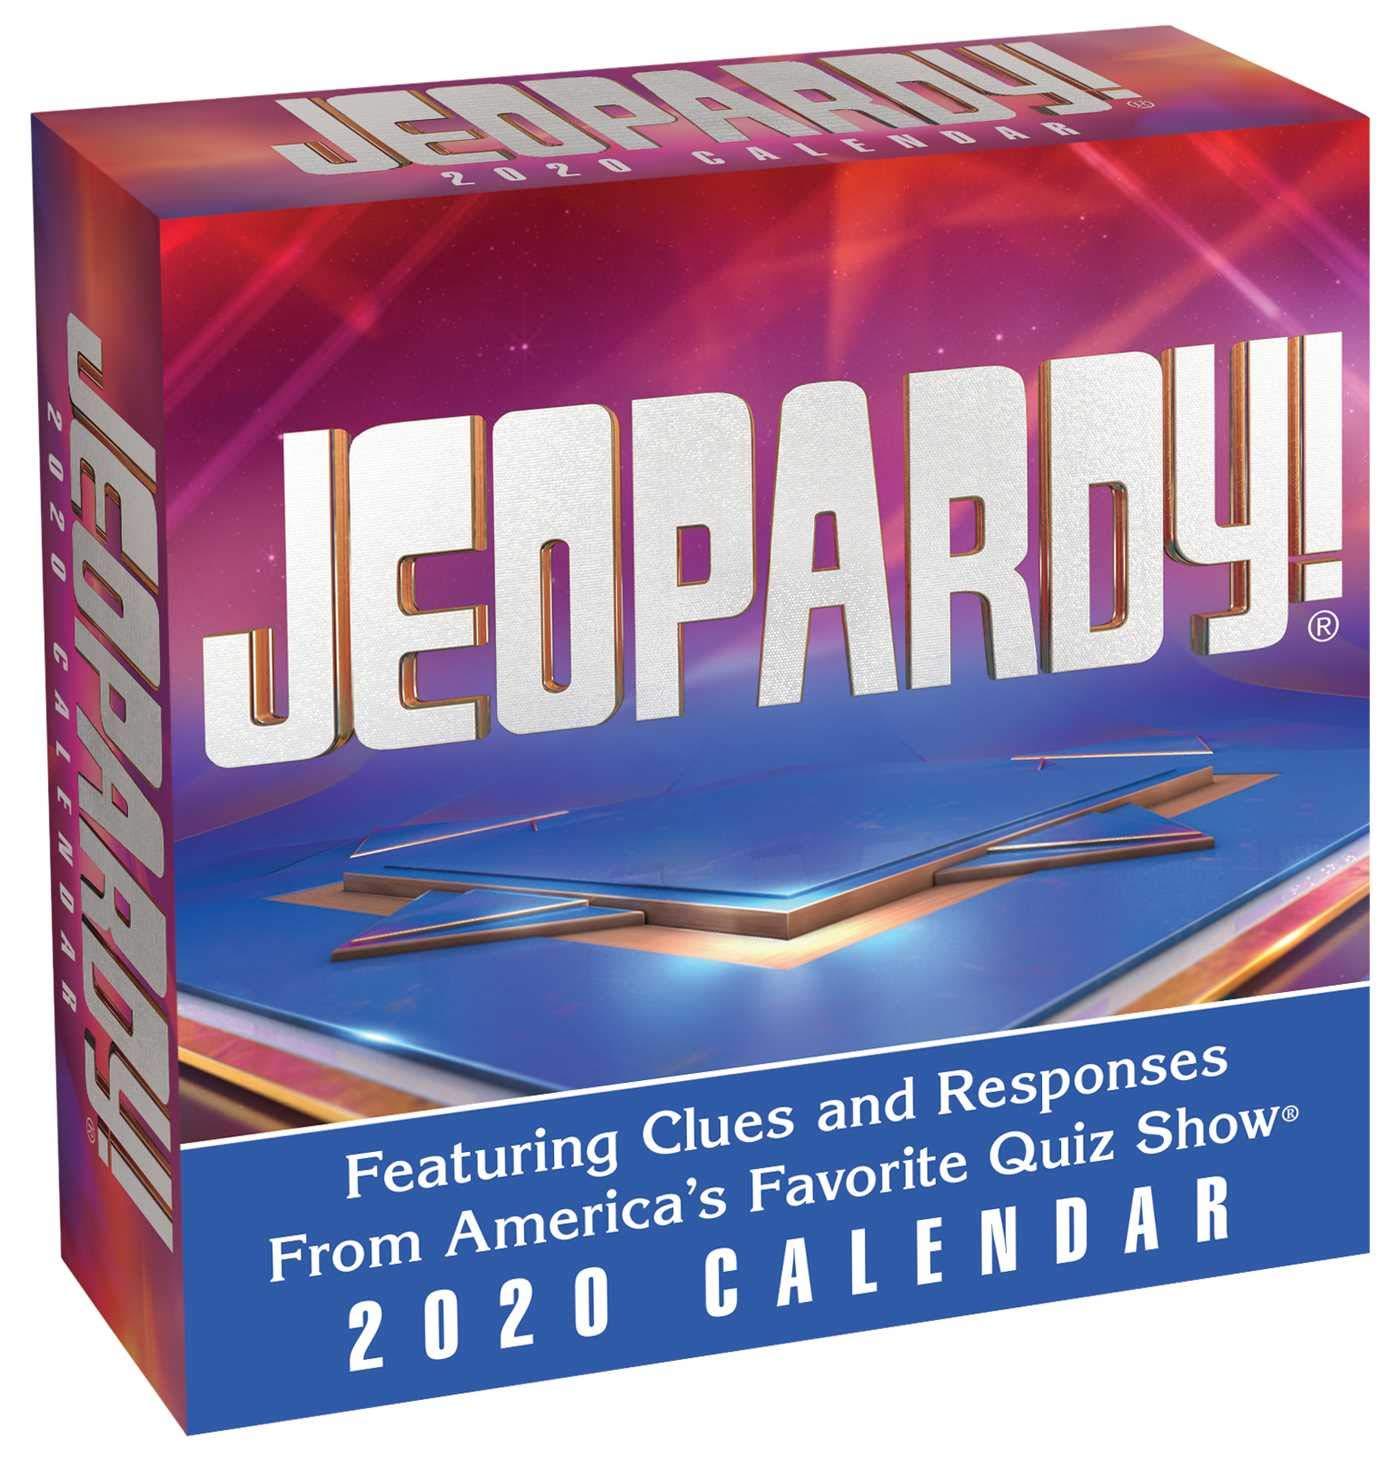 Award Show Calendar 2020 Jeopardy! 2020 Day to Day Calendar: Sony: 9781449498016: Amazon